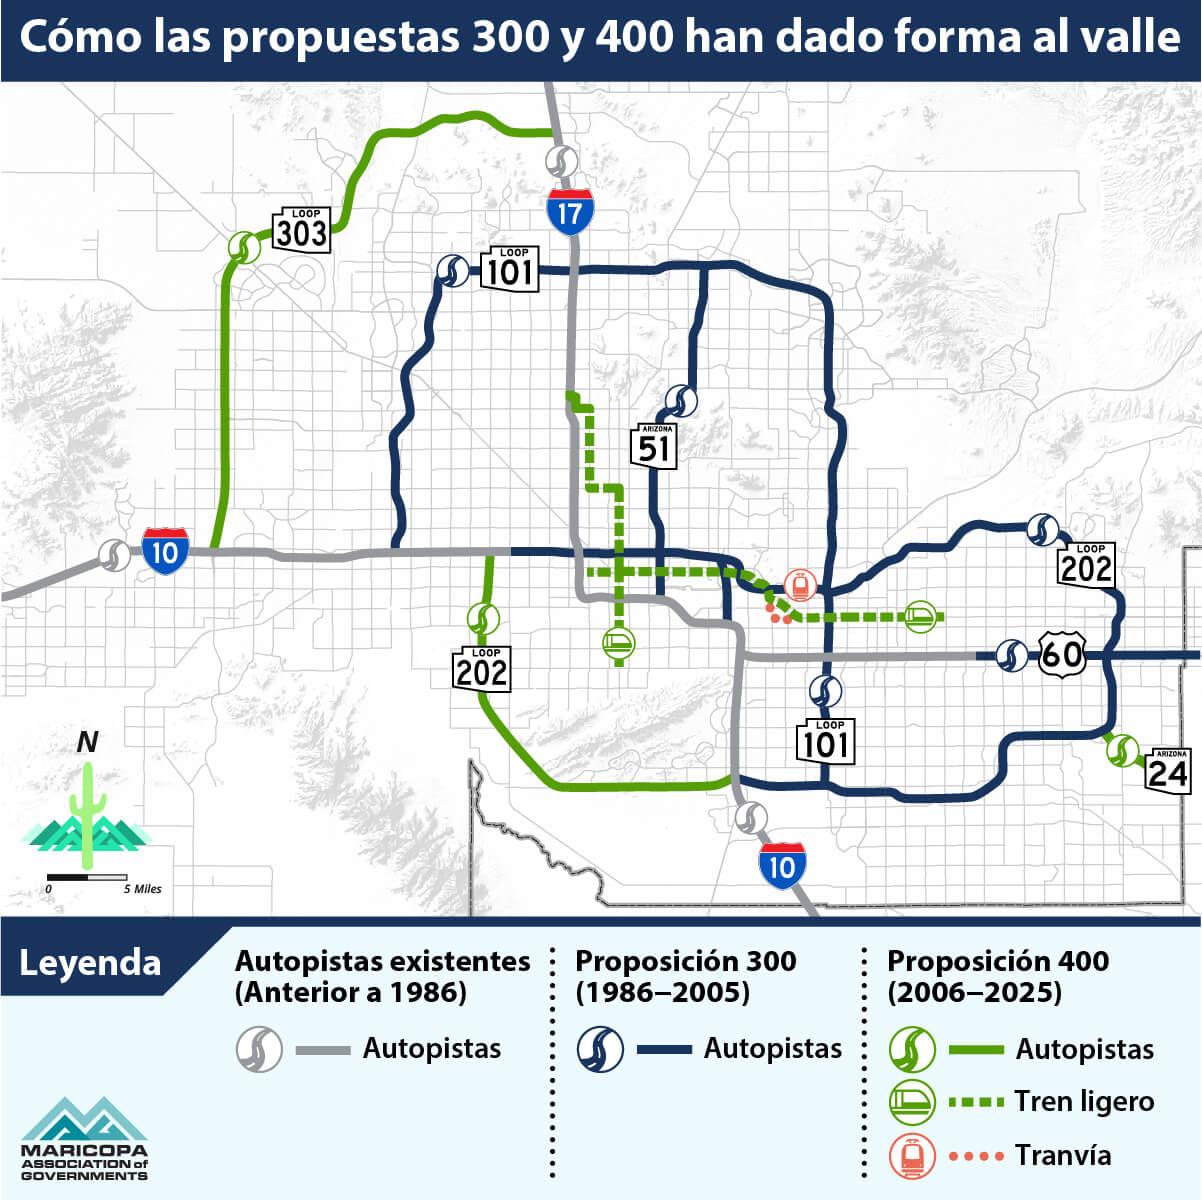 Mapa que muestra cómo las proposiciones 300 y 400 han dado forma al Valle